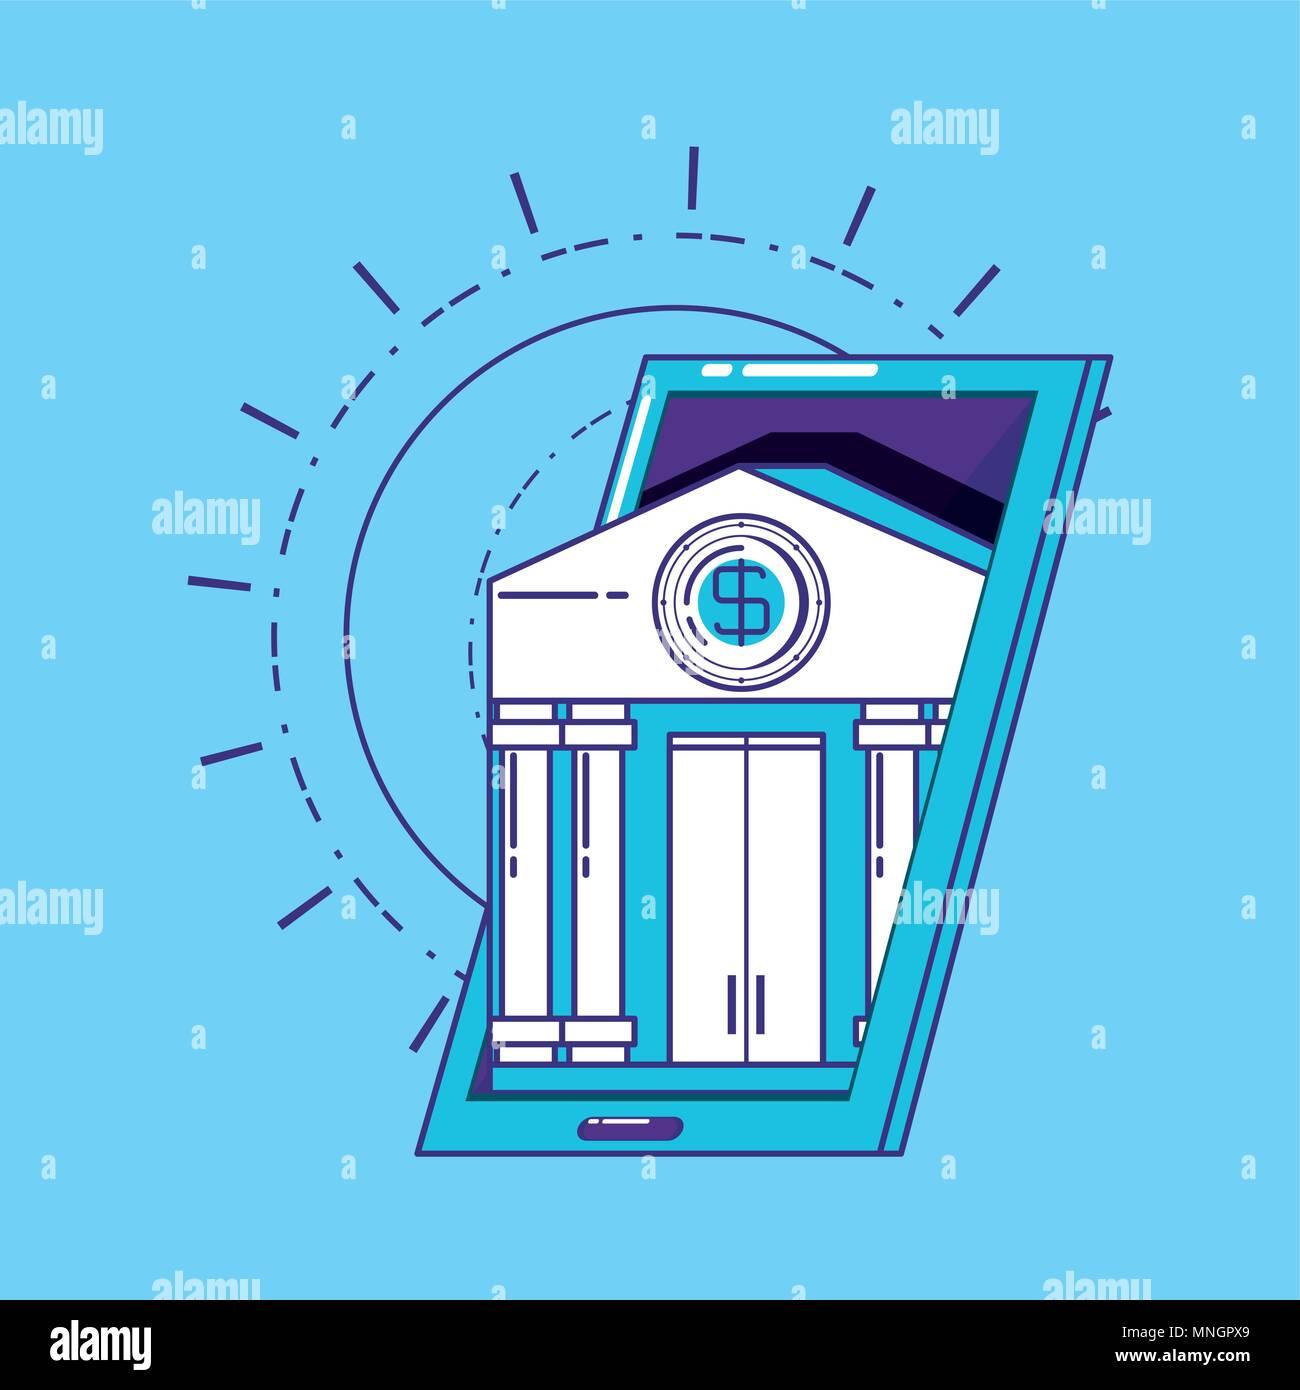 Finanzielle Technologie Konzept mit Smartphone mit Bank Gebäude mit blauem Hintergrund, Vektor, Abbildung Stockbild